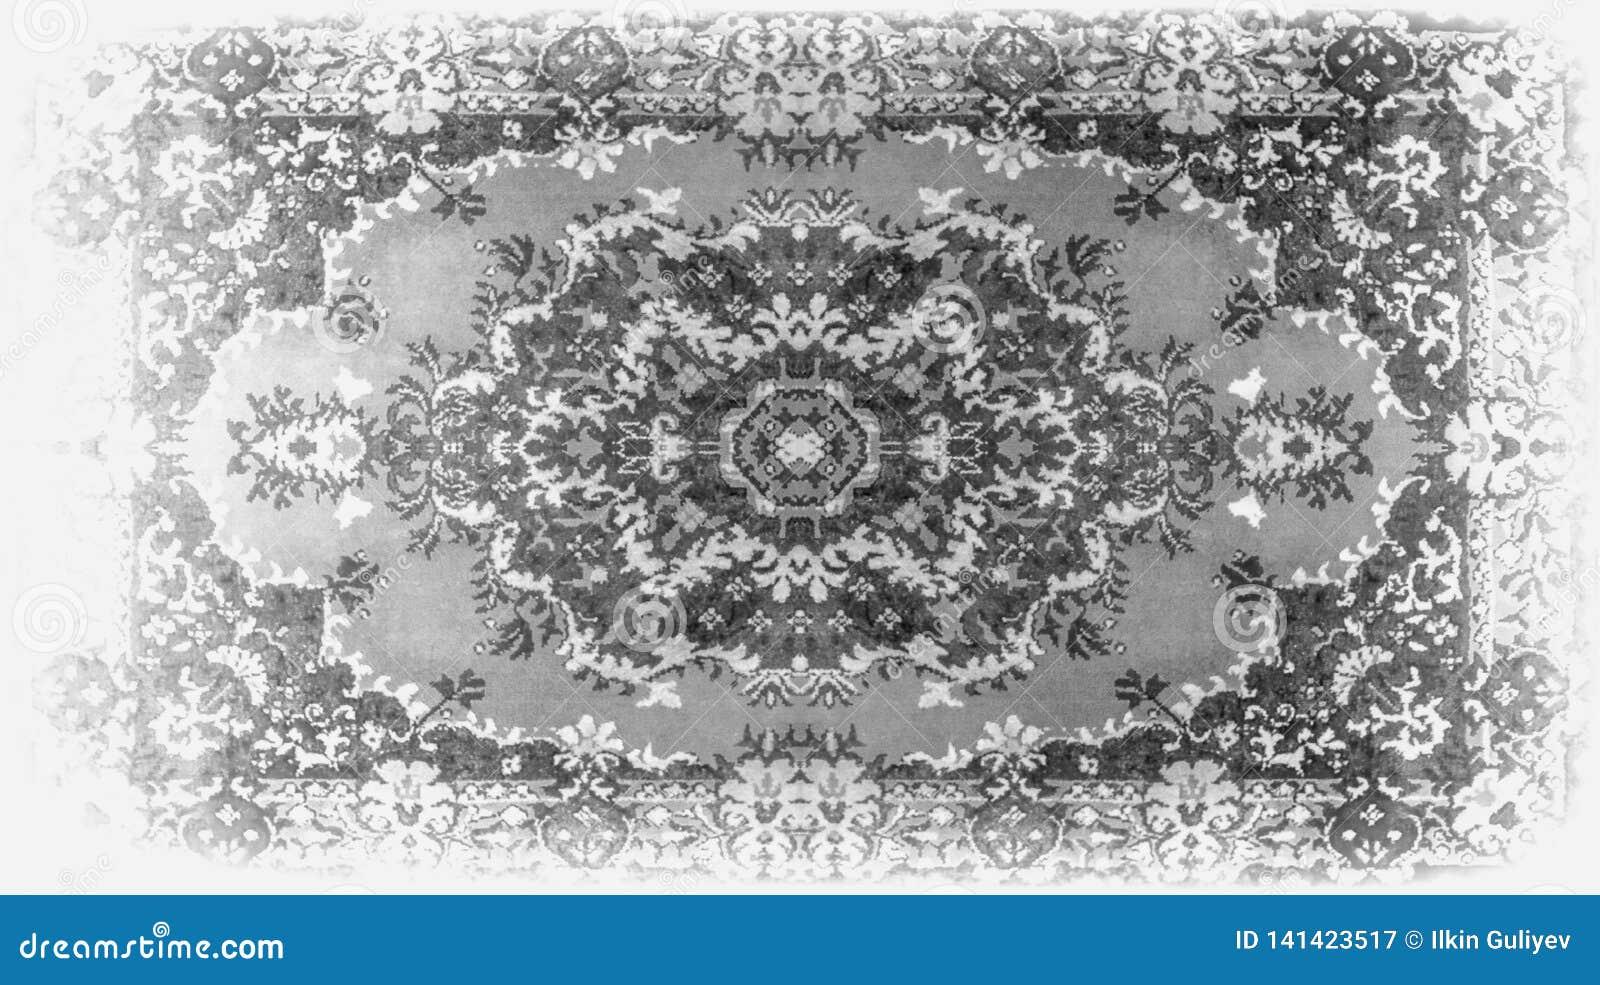 Perskiego dywanu tekstura, abstrakcjonistyczny ornament Round mandala wzór, Bliskowschodnia Tradycyjna Dywanowa tkaniny tekstura